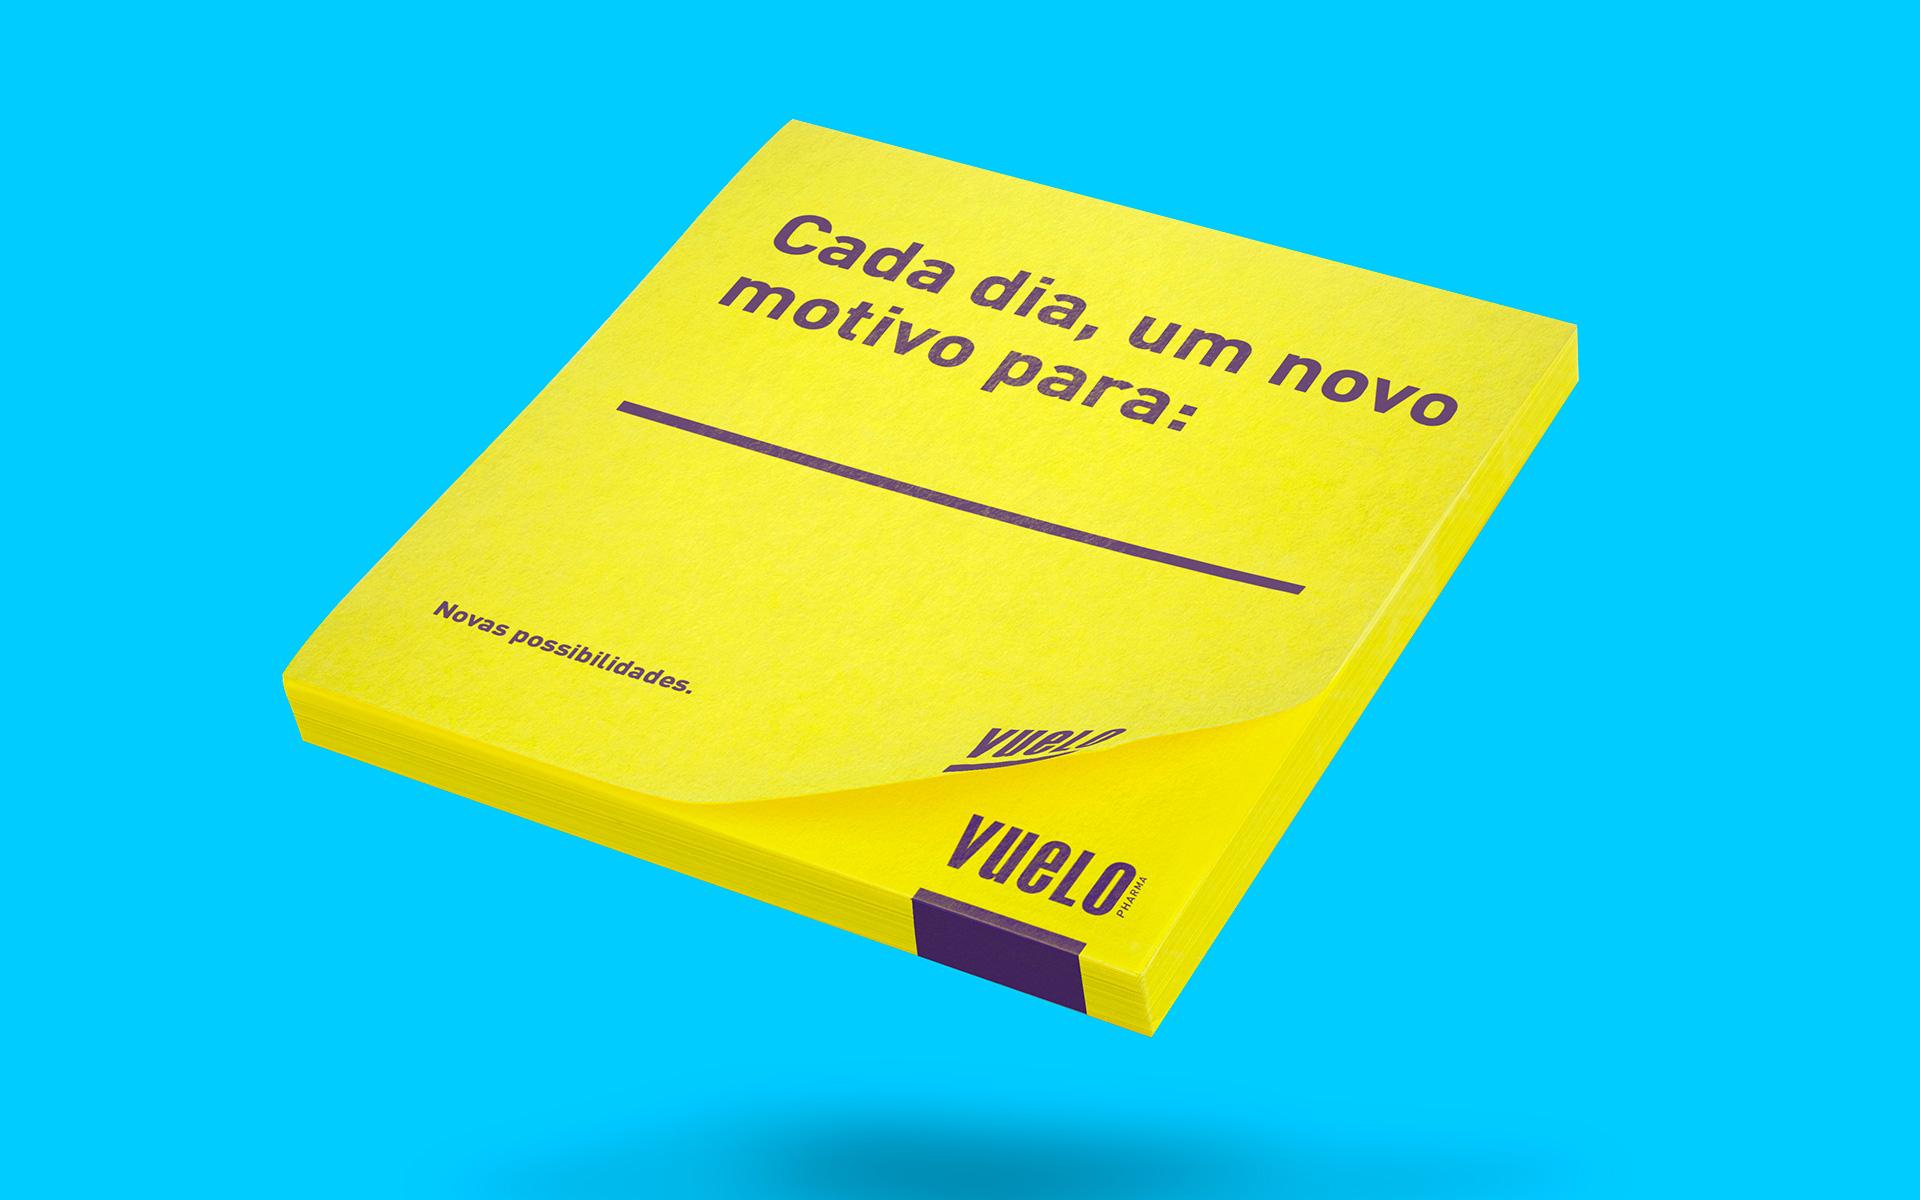 Case Vuelo Imagem 3